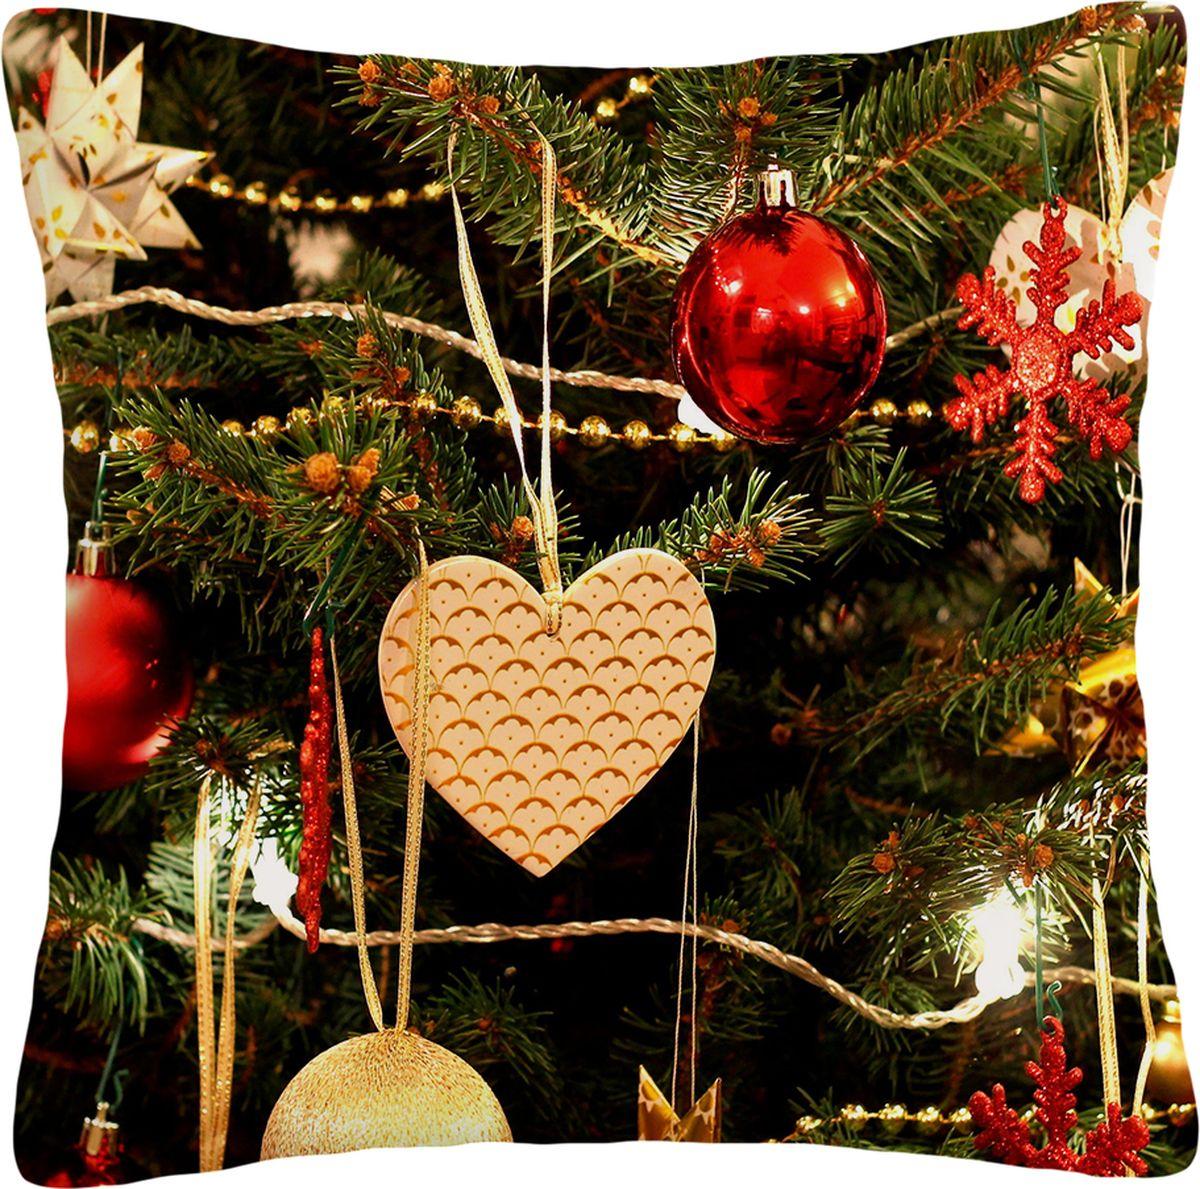 Подушка декоративная Сирень Новогоднее сердце, 40 х 40 смПШГБ012-10392Декоративная подушка Сирень изготовленная из габардина (100% полиэстер), прекрасно дополнит интерьер спальни или гостиной. Подушка оформлена ярким и стильным двусторонним принтом. Внутри - мягкий наполнитель из холлофайбера (100% полиэстер). Красивая подушка создаст атмосферу тепла и уюта в спальне и станет прекрасным элементом декора. Цвет изделия может немного отличаться от представленного на фото.